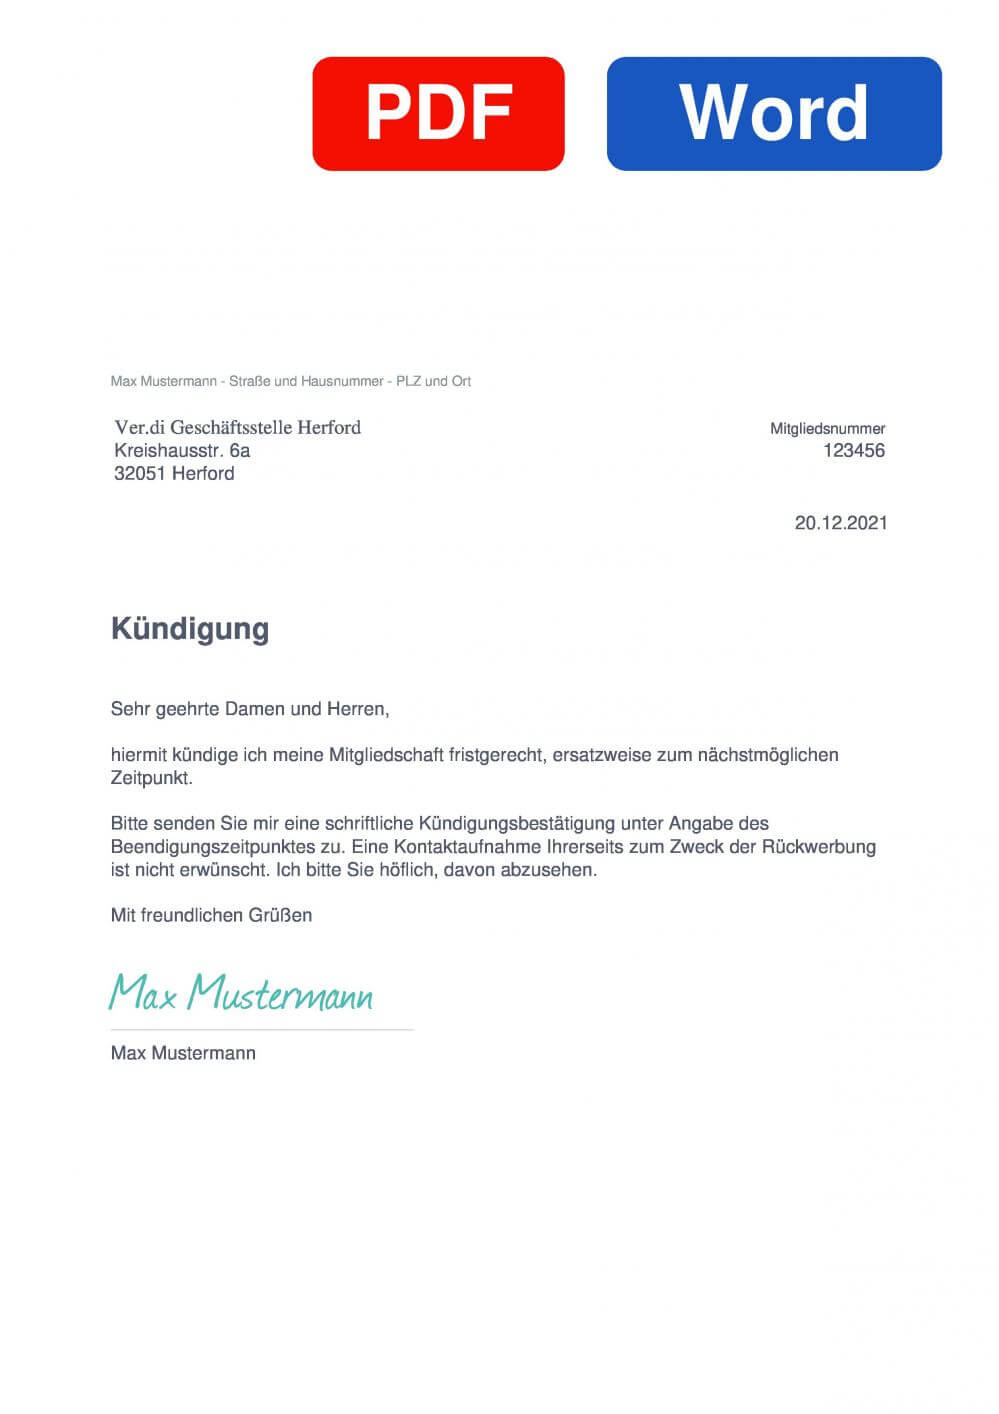 Verdi Herford Muster Vorlage für Kündigungsschreiben